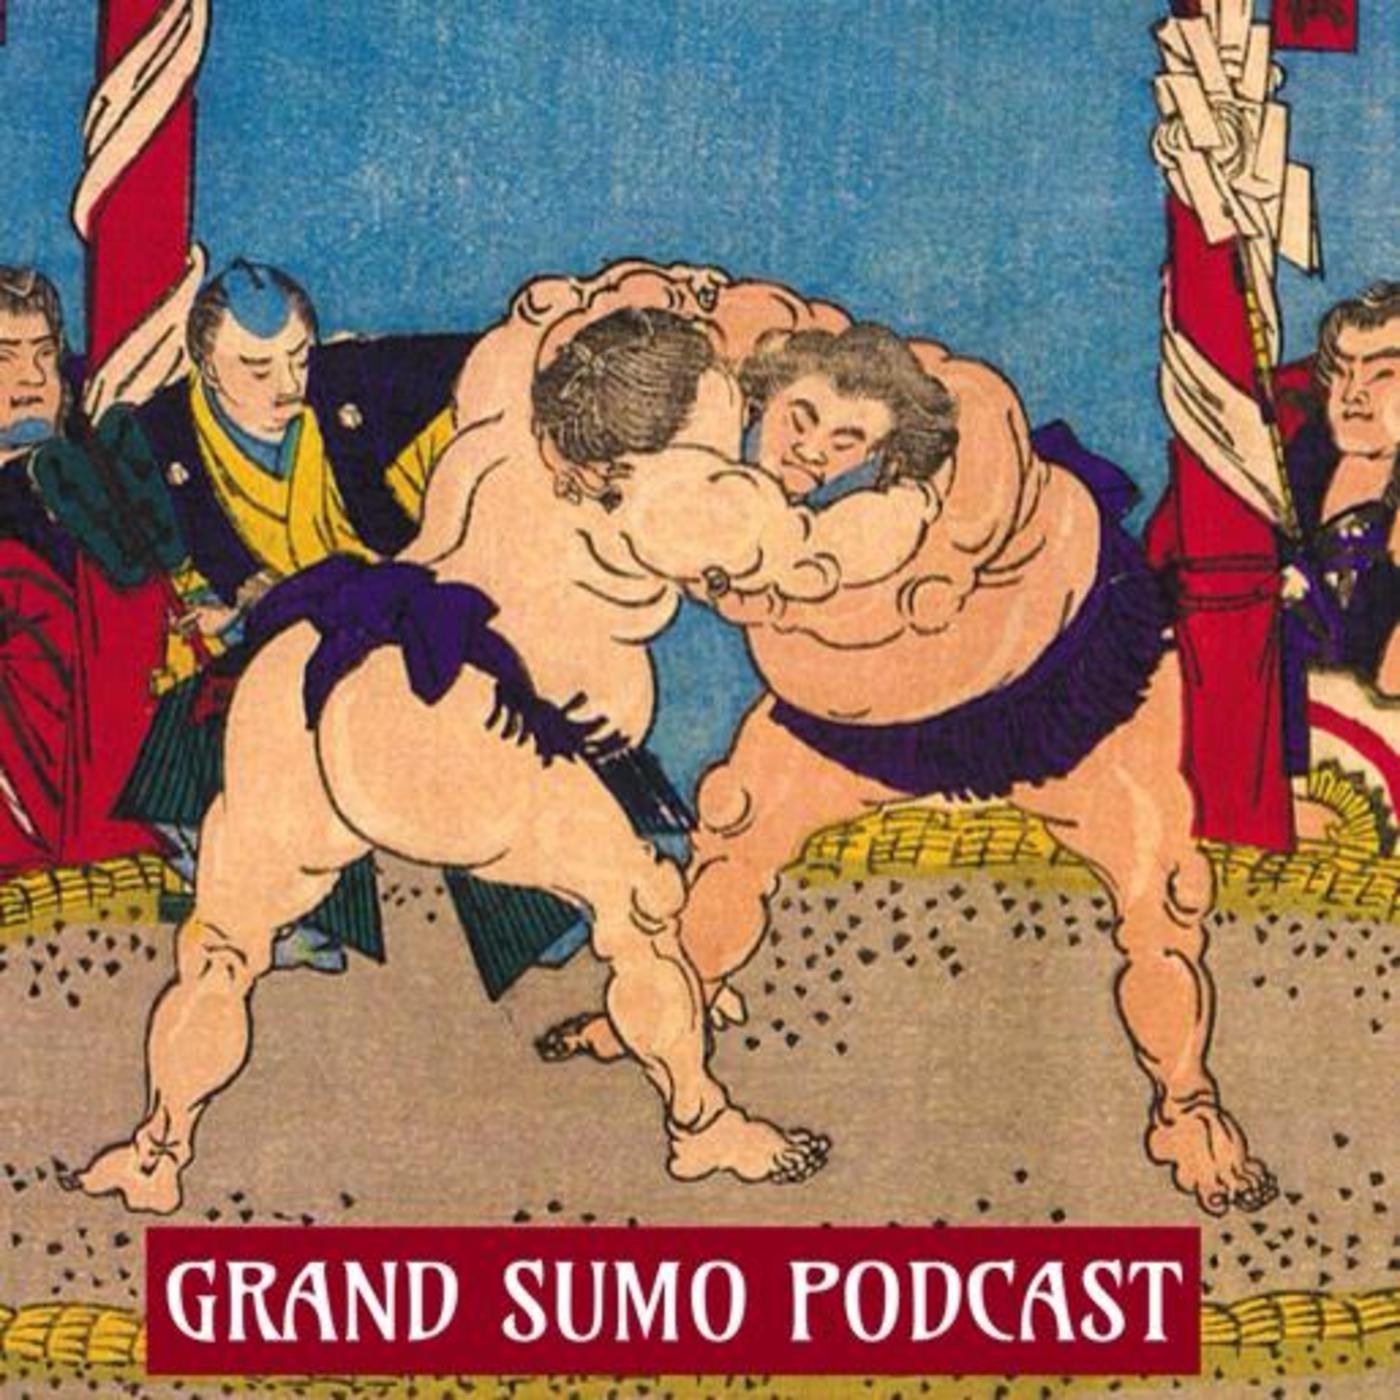 Grand Sumo Podcast